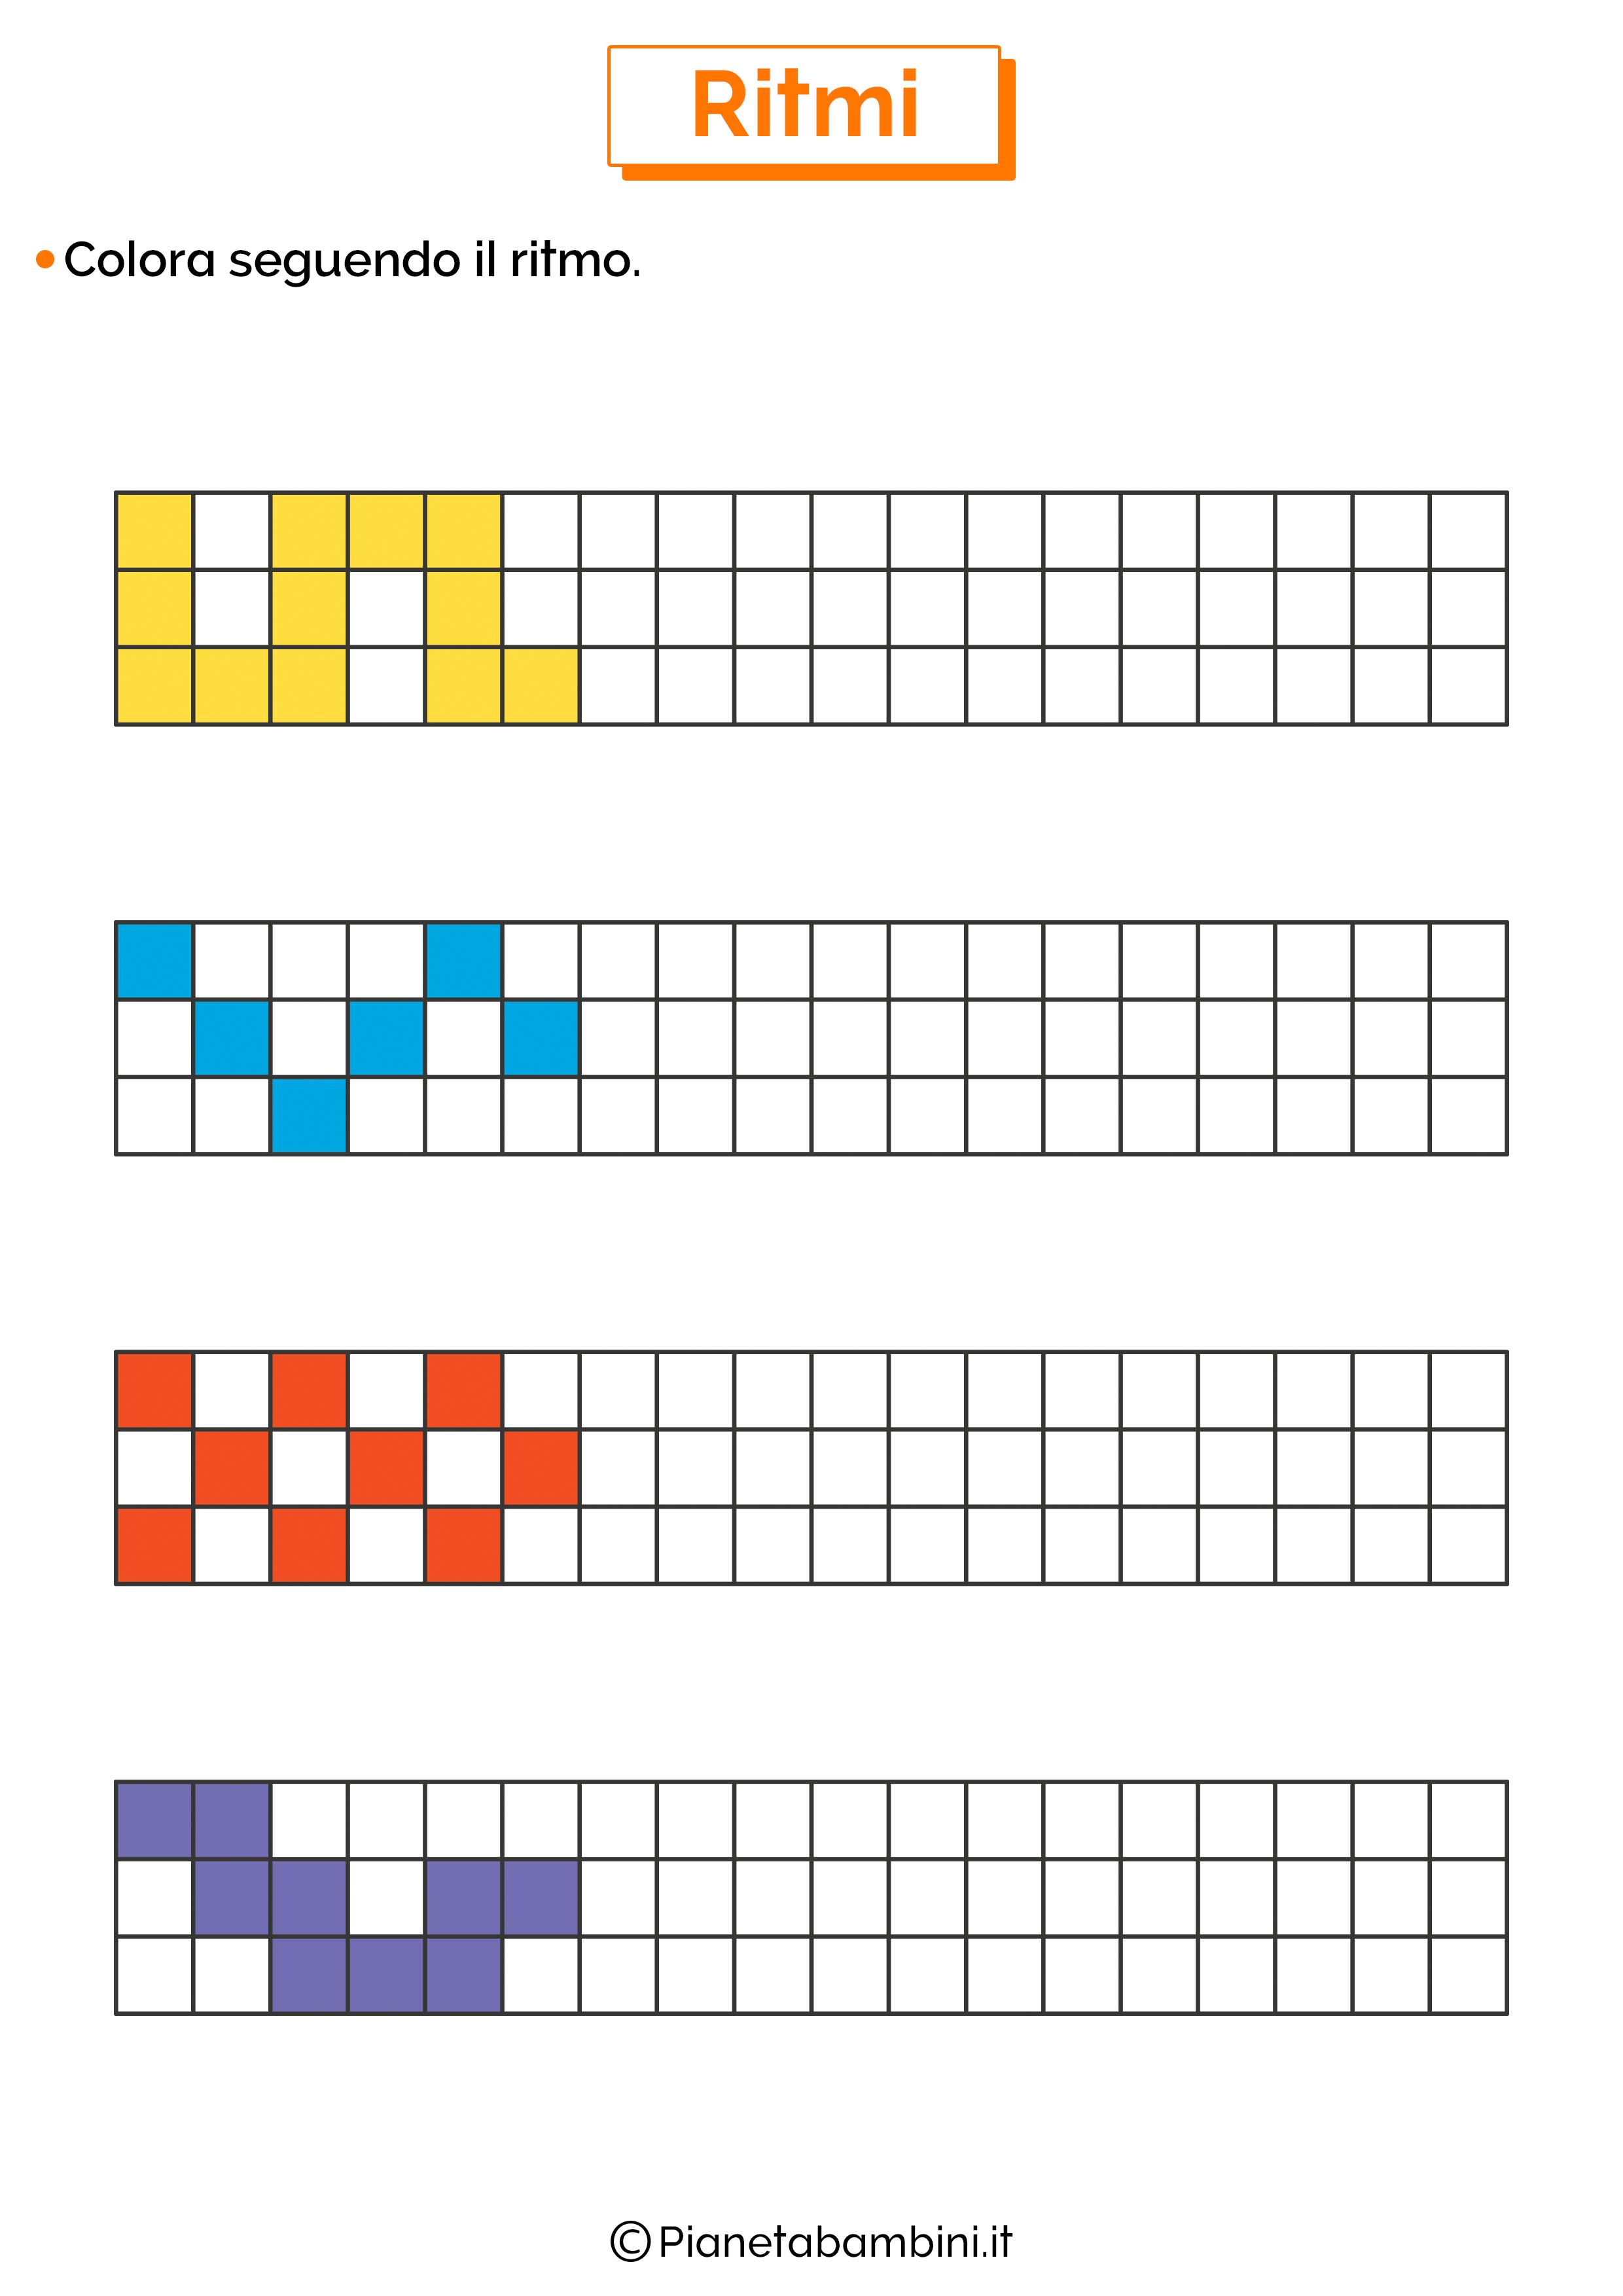 Esercizi sui ritmi da colorare 5